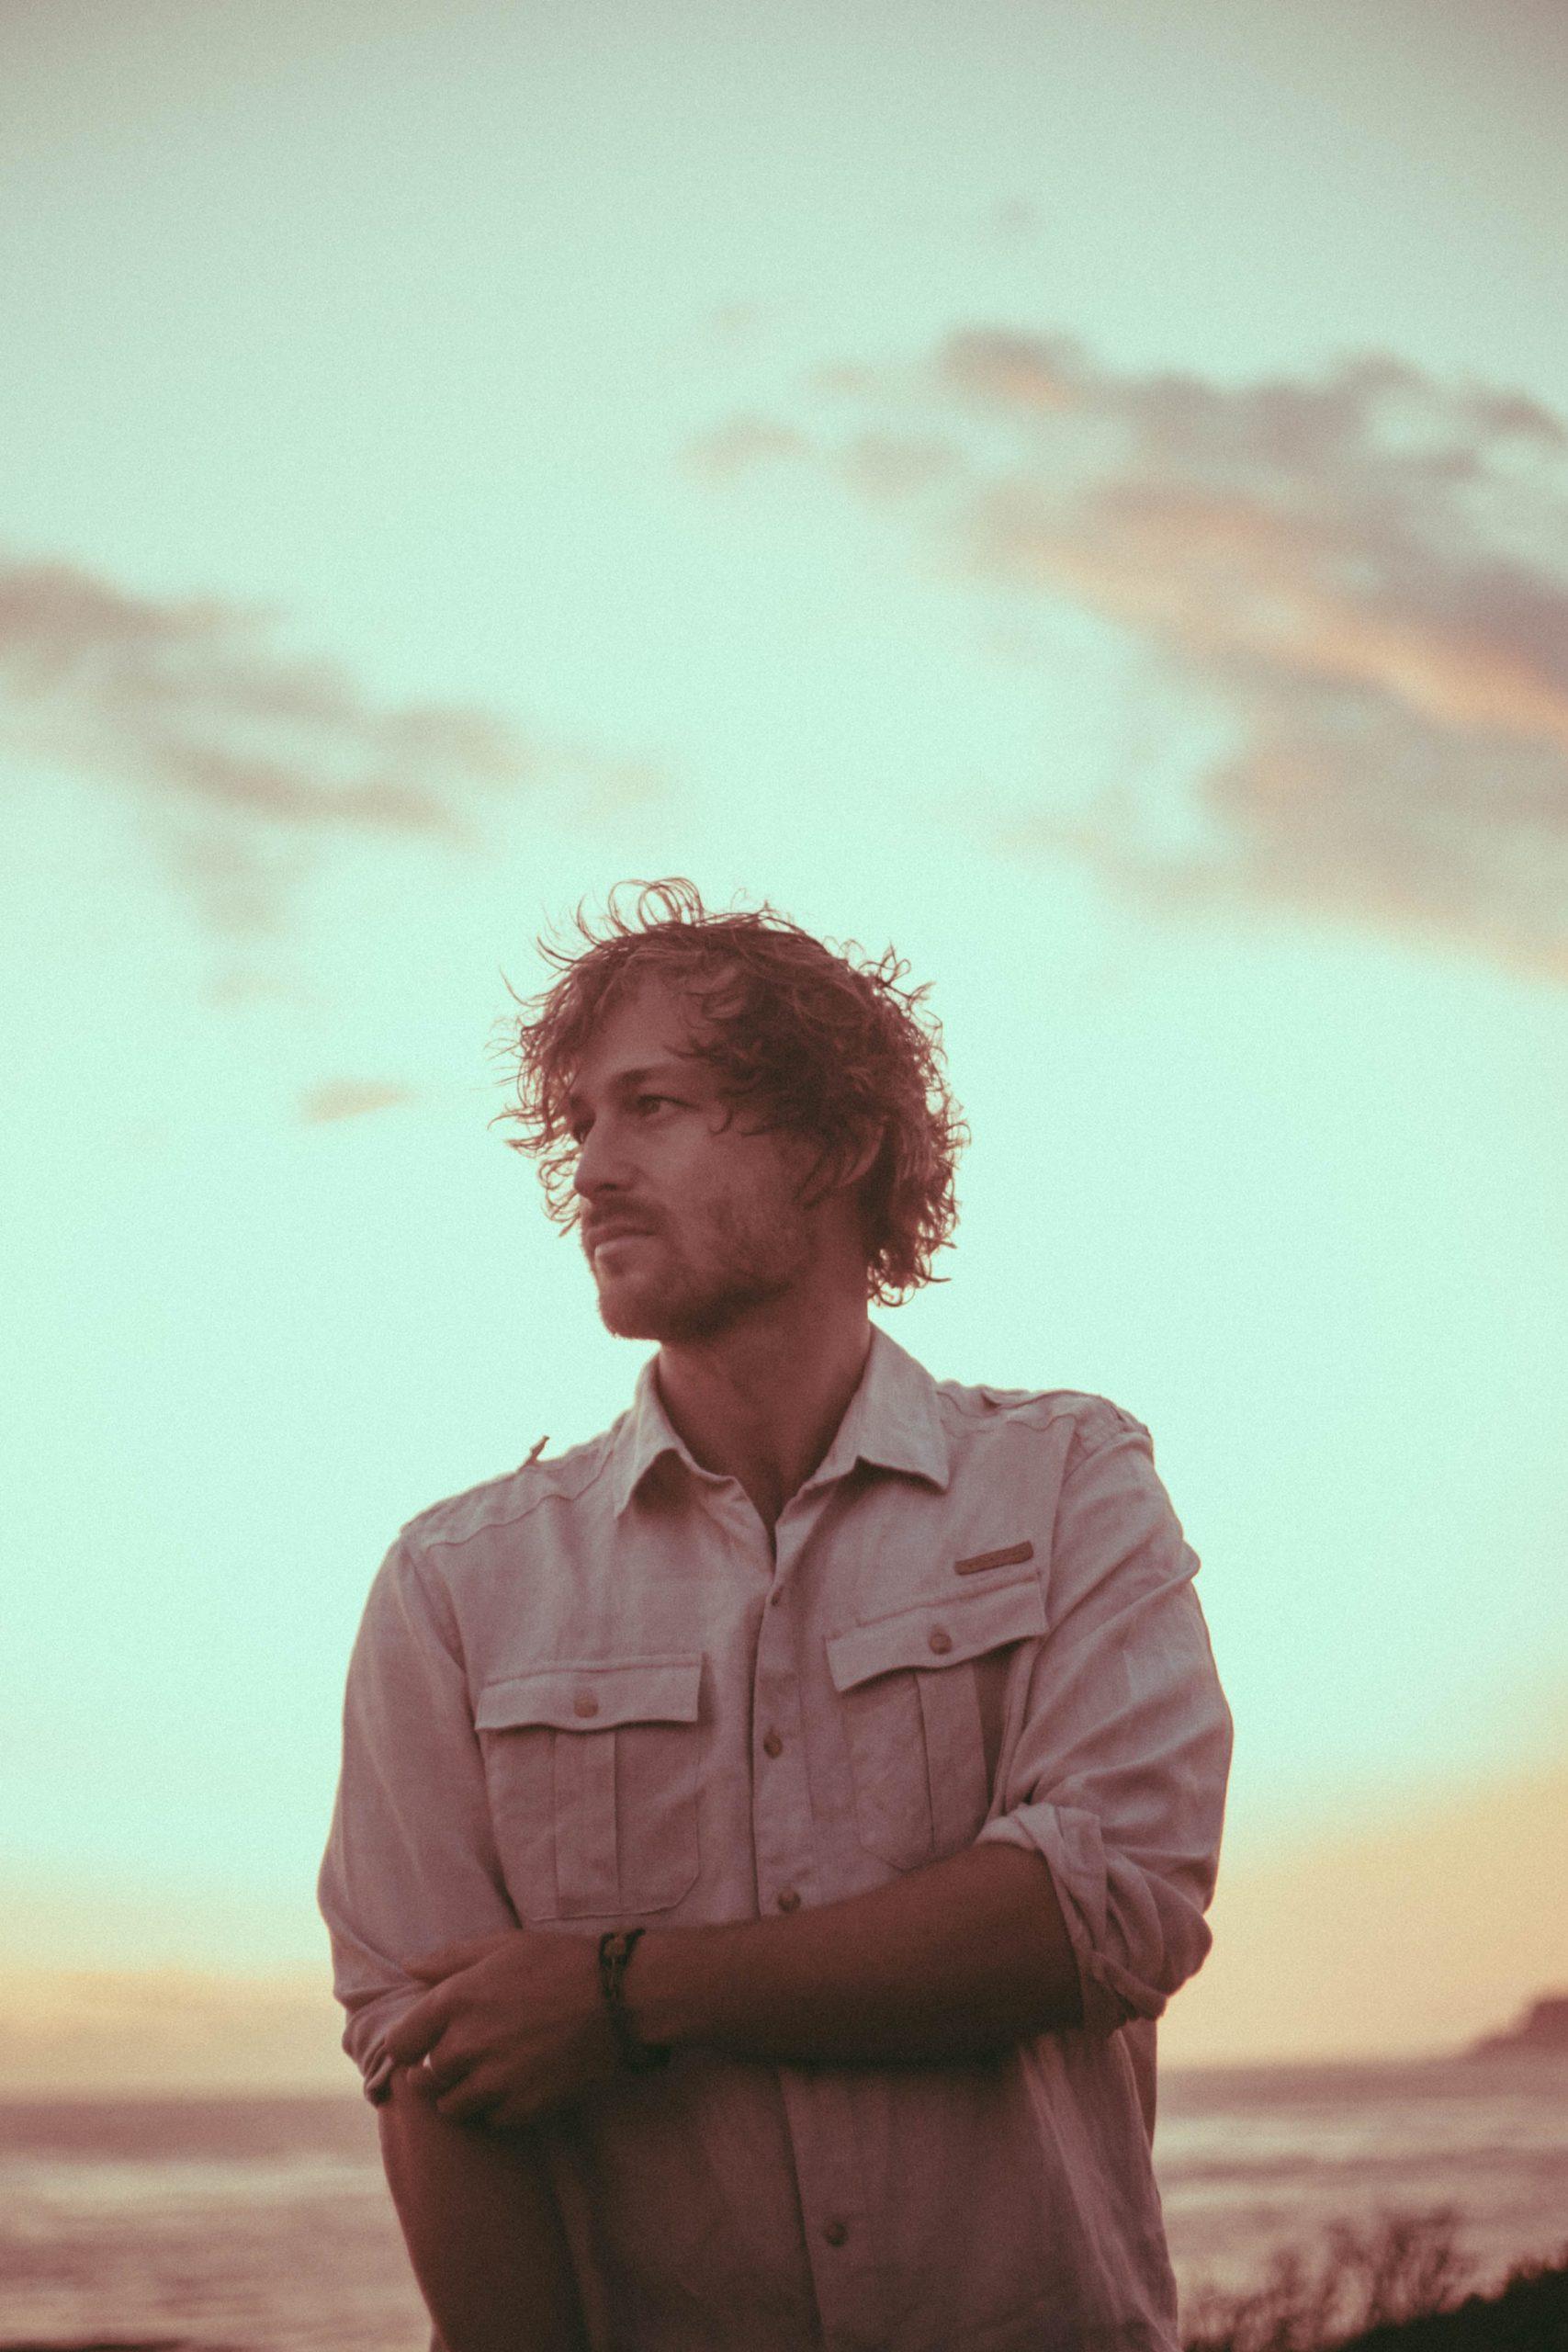 Singer/songwriter Harrison Storm